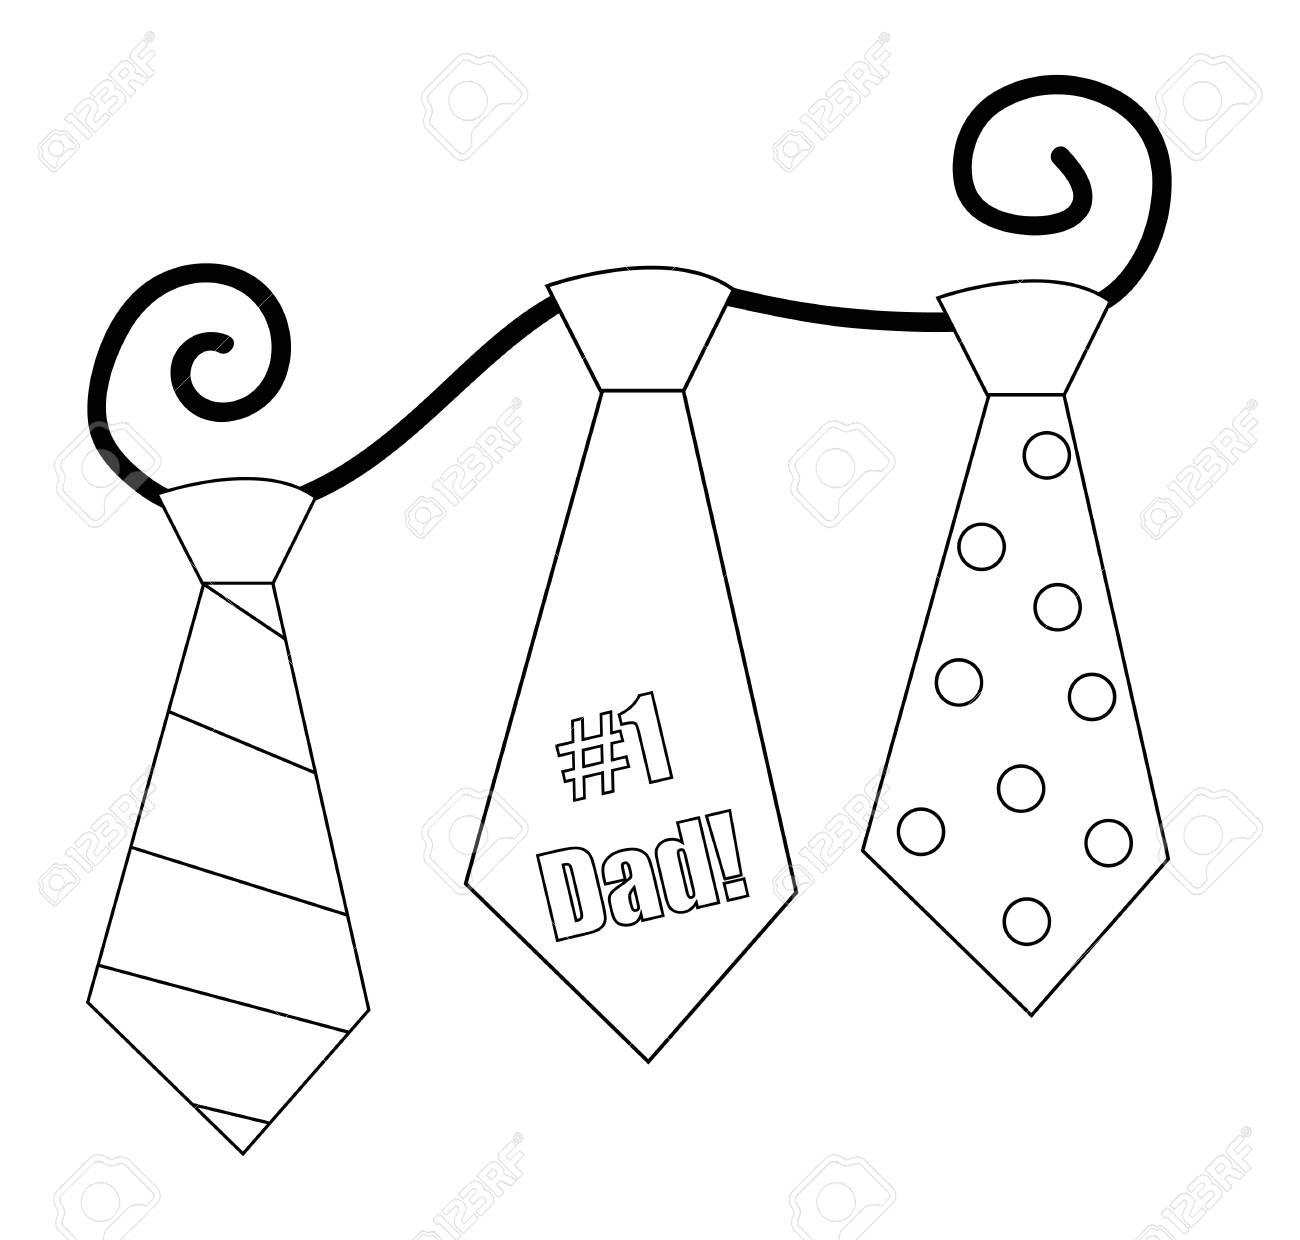 Día De Padres Corbata Página Para Colorear Ilustraciones Vectoriales ...